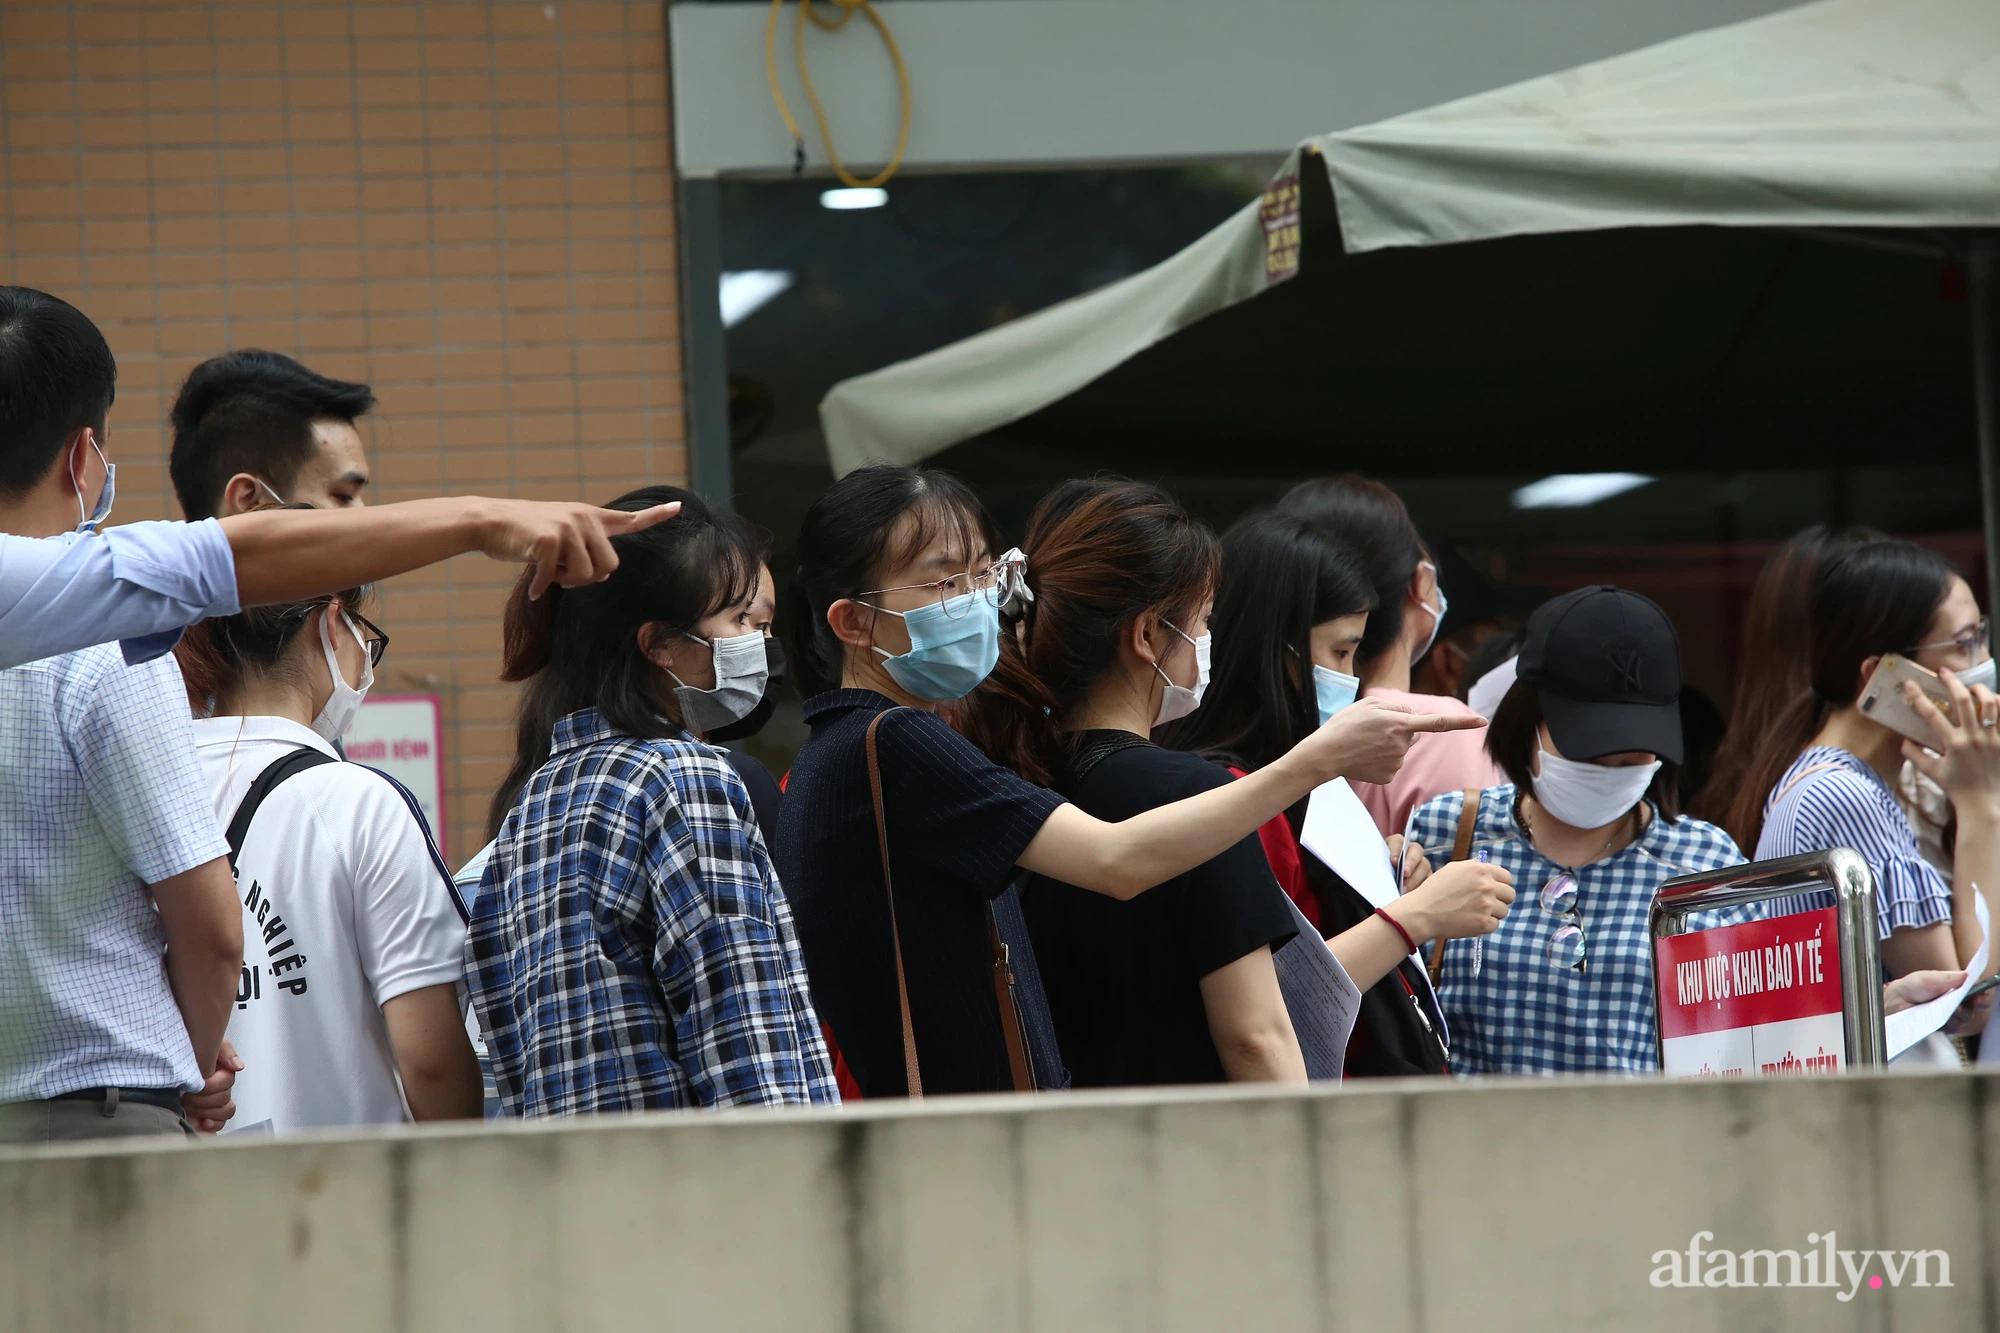 Bí thư Hà Nội chỉ đạo nóng: Dừng ngay điểm tiêm vaccine tại Bệnh viện E do tập trung đông người - ảnh 3